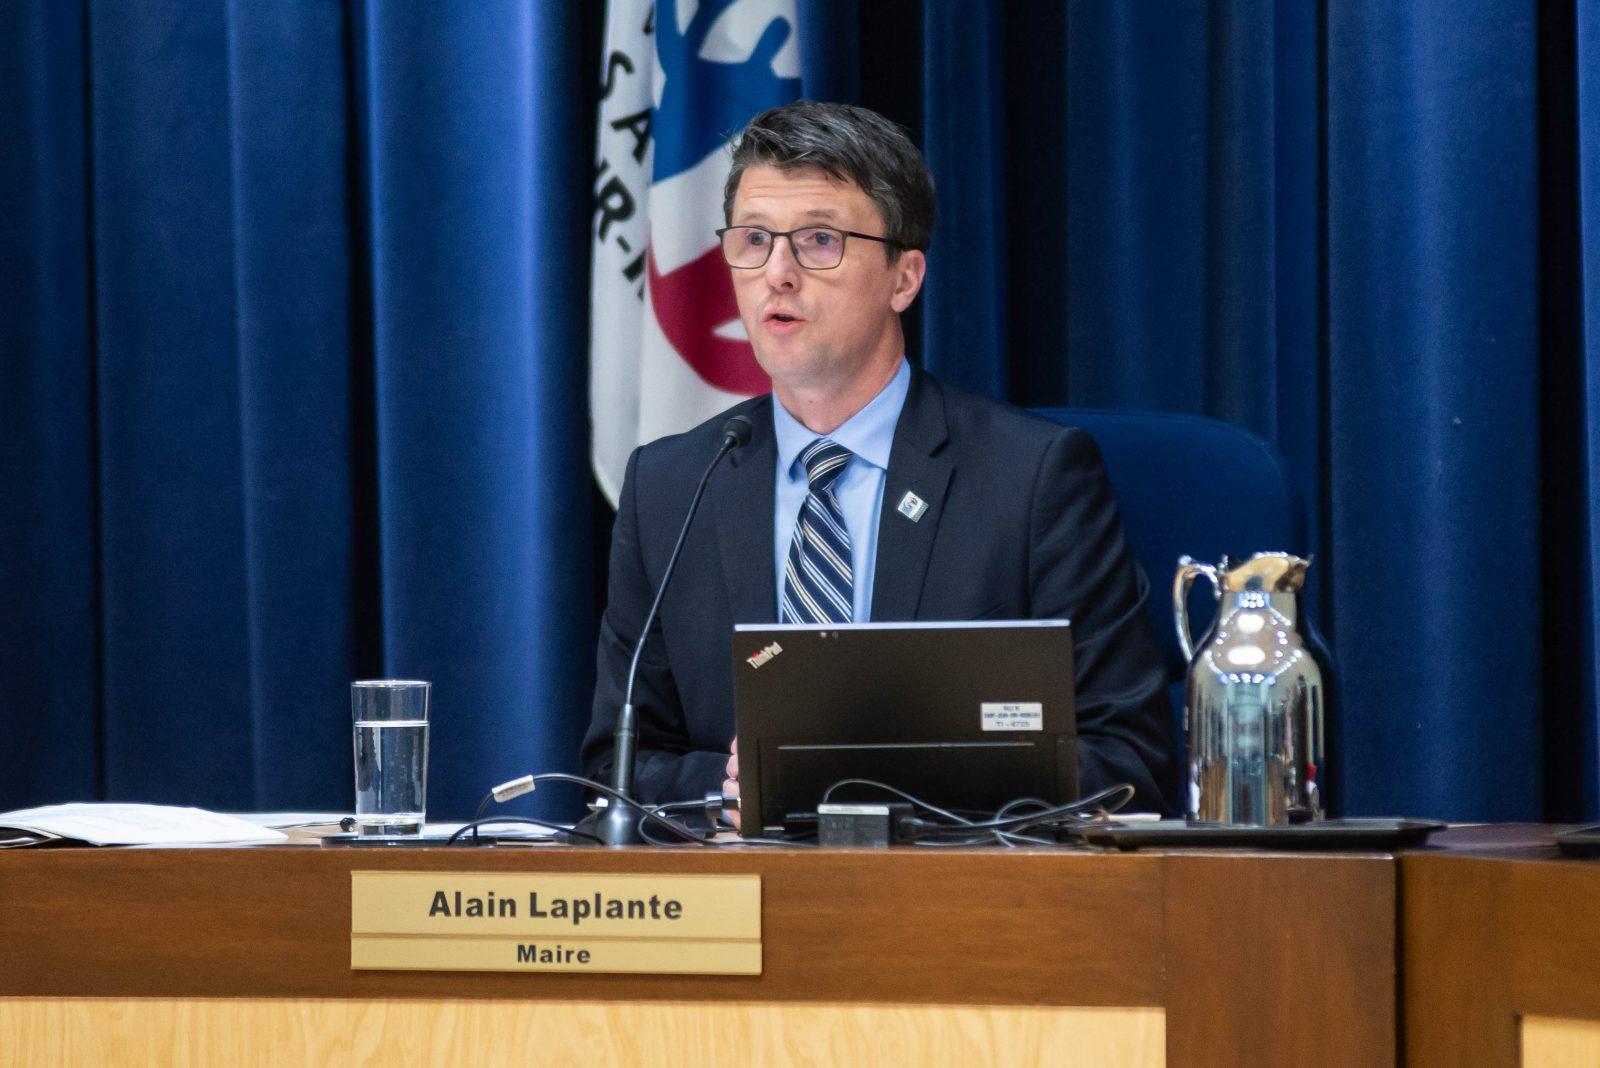 Plaintes contre le maire: la Commission municipale amorce ses auditions